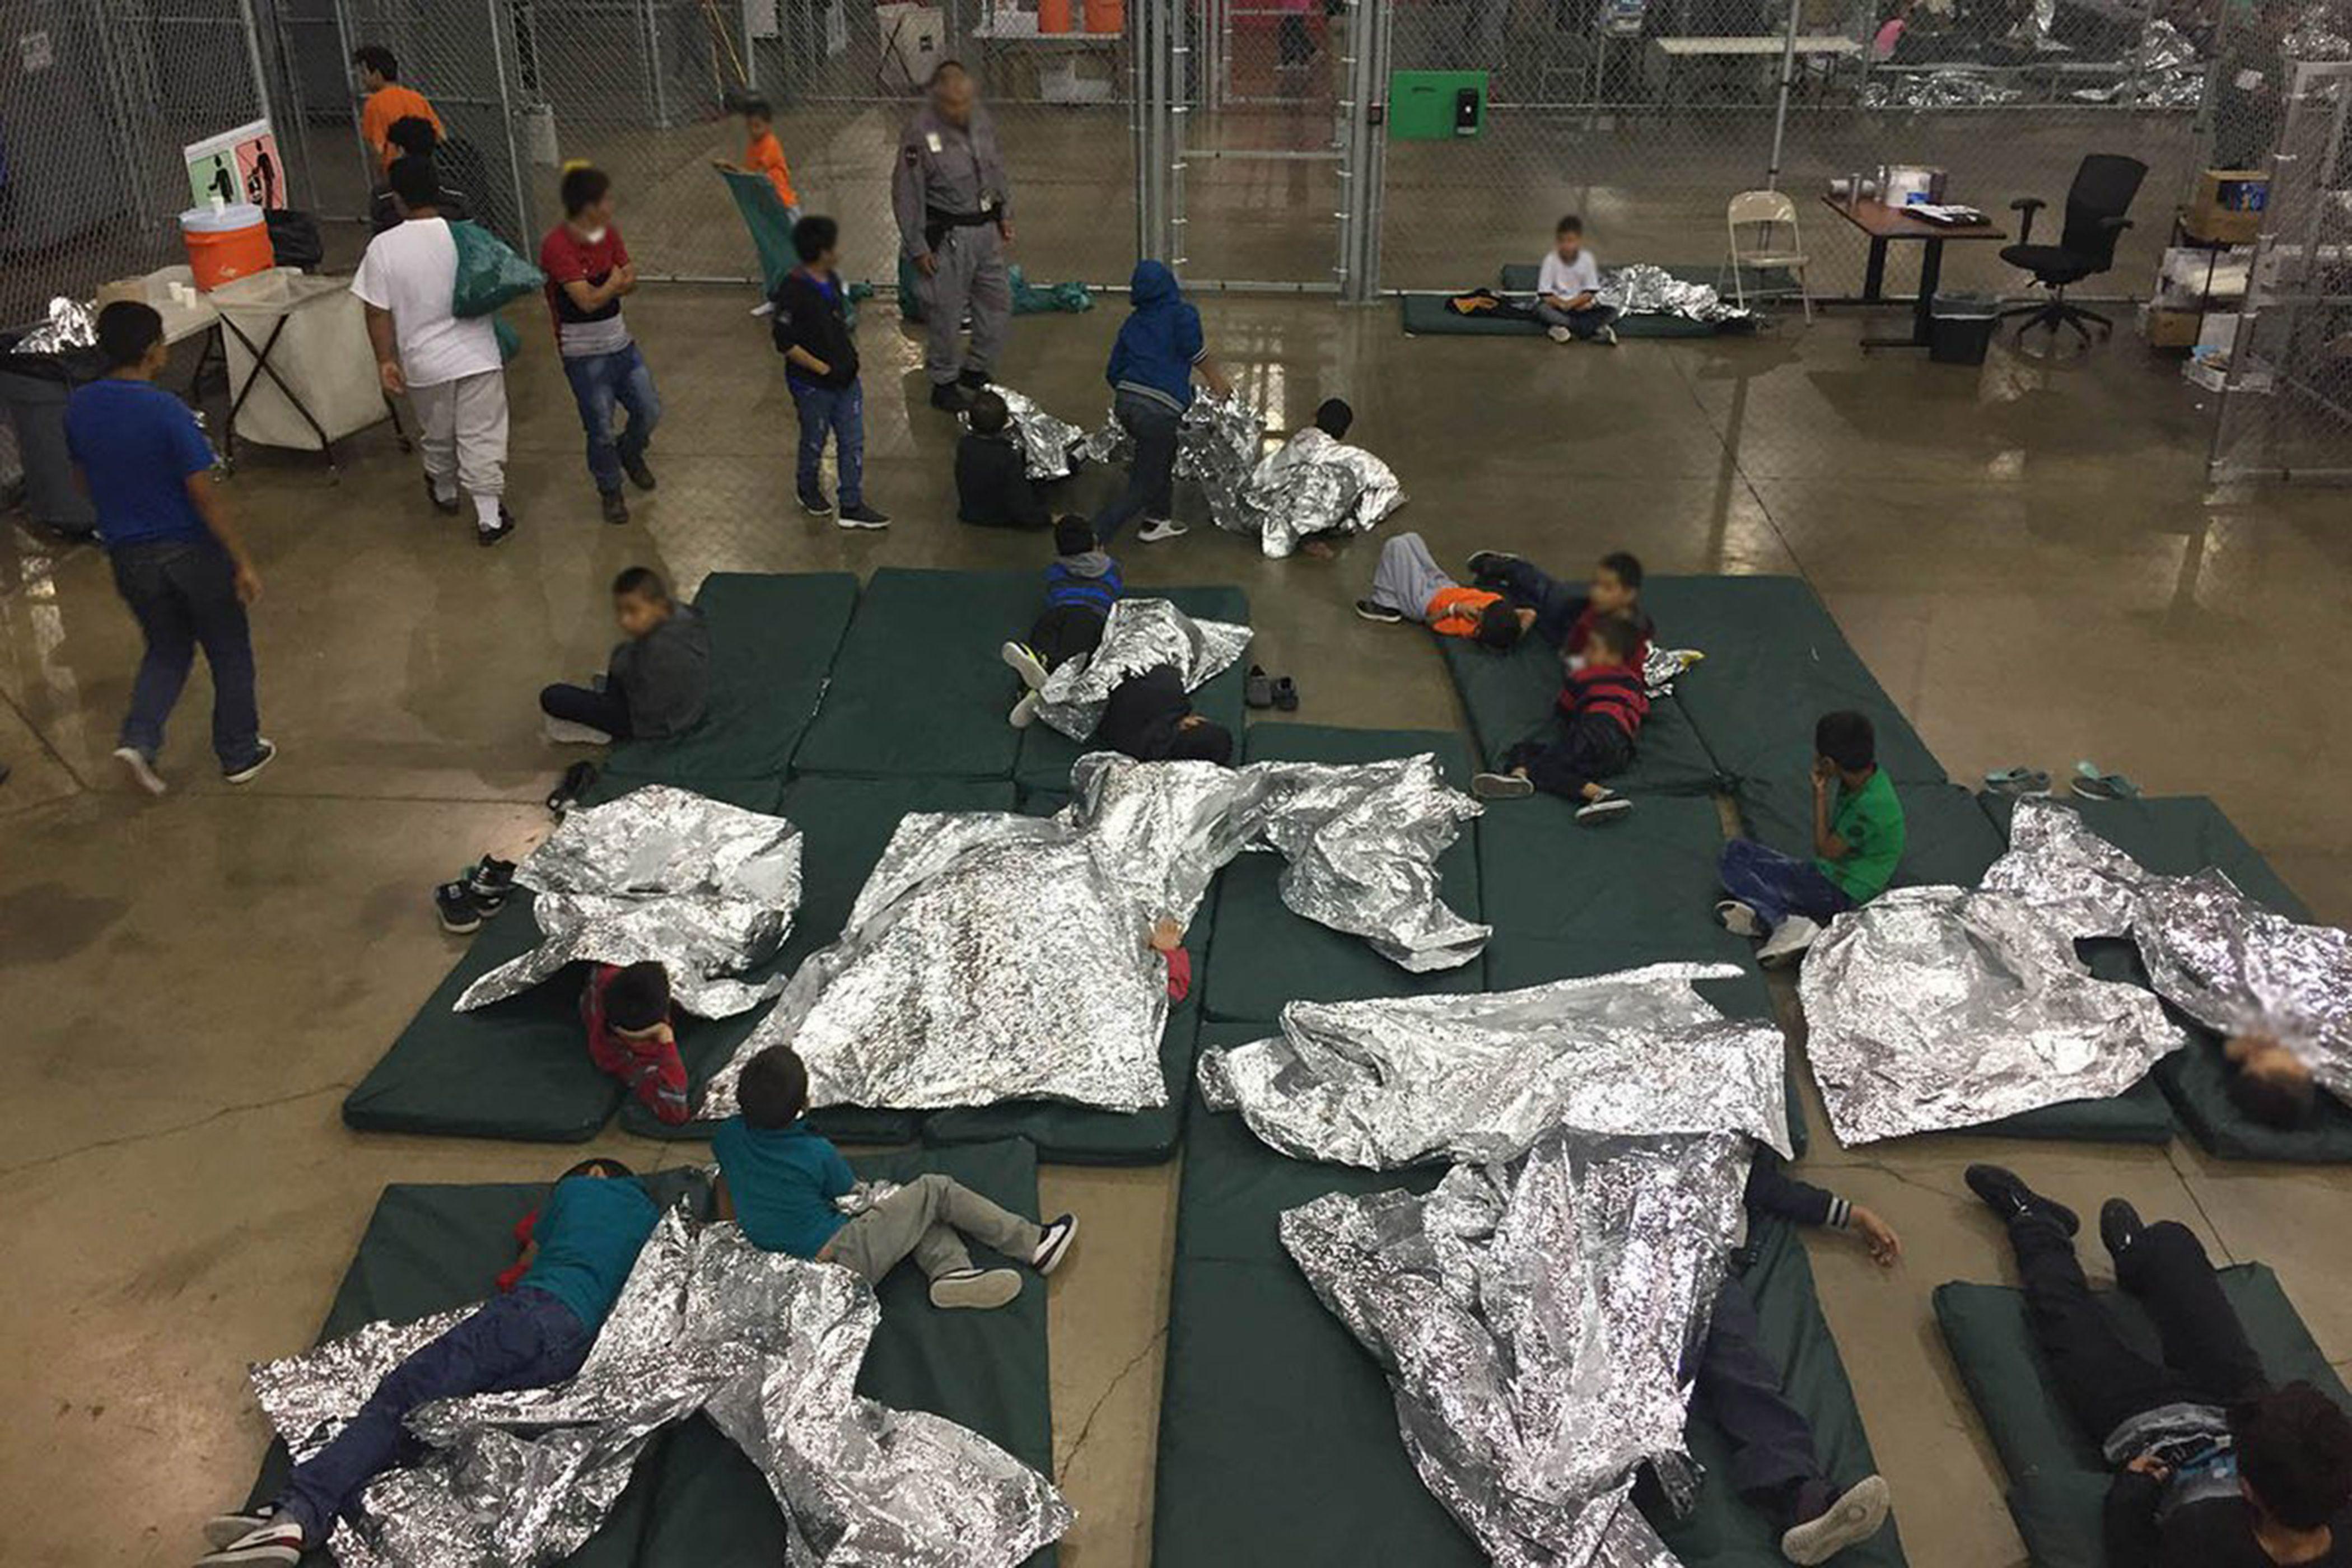 Política de separación de familias inmigrantes en los Estados Unidos - Wikipedia, la enciclopedia libre